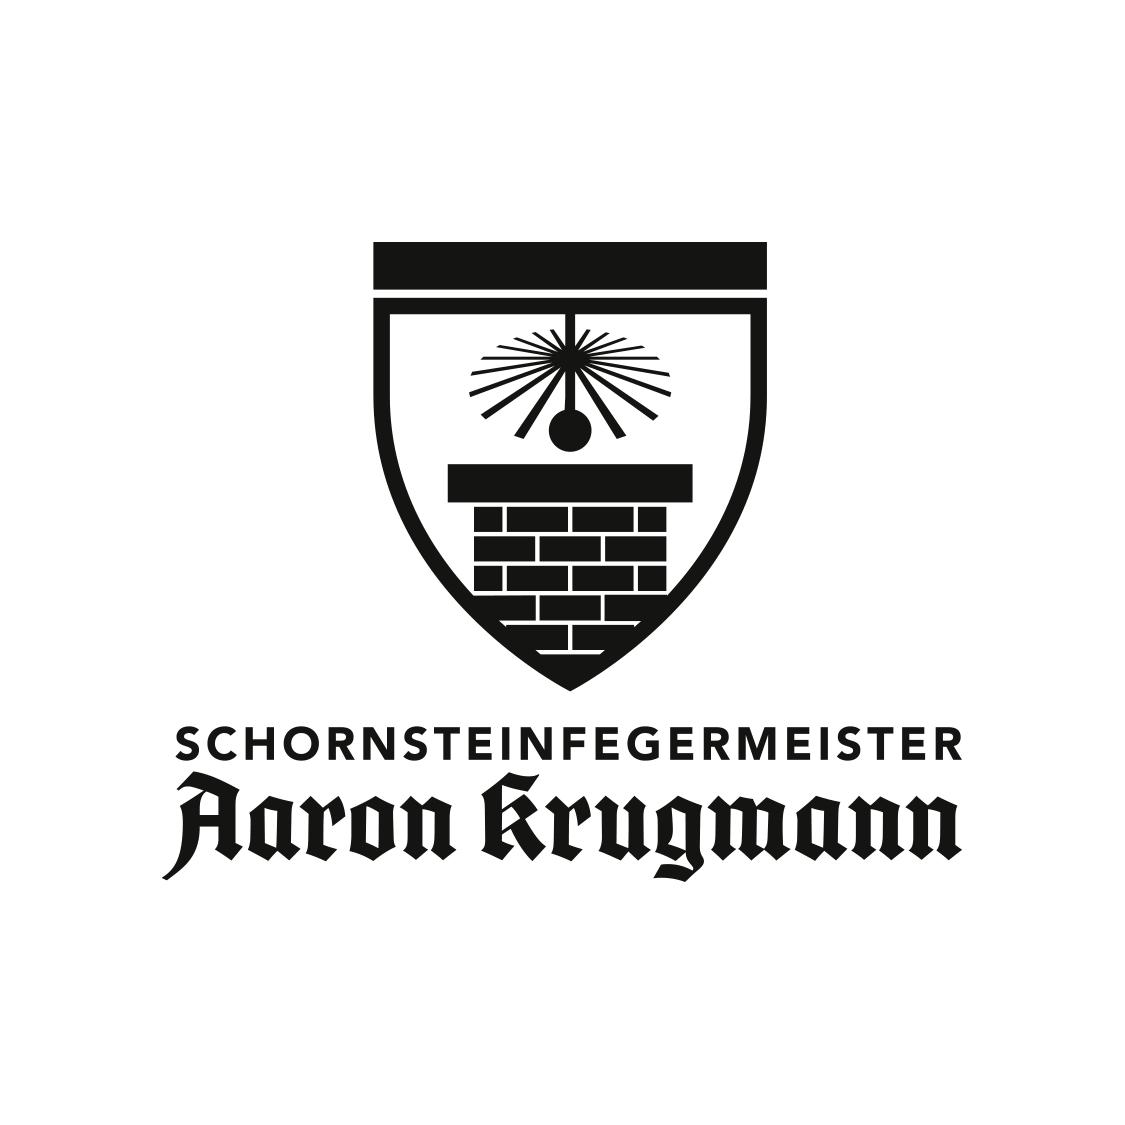 05 Logo Schornsteinfegermeister Aaron Krugmann kompakt